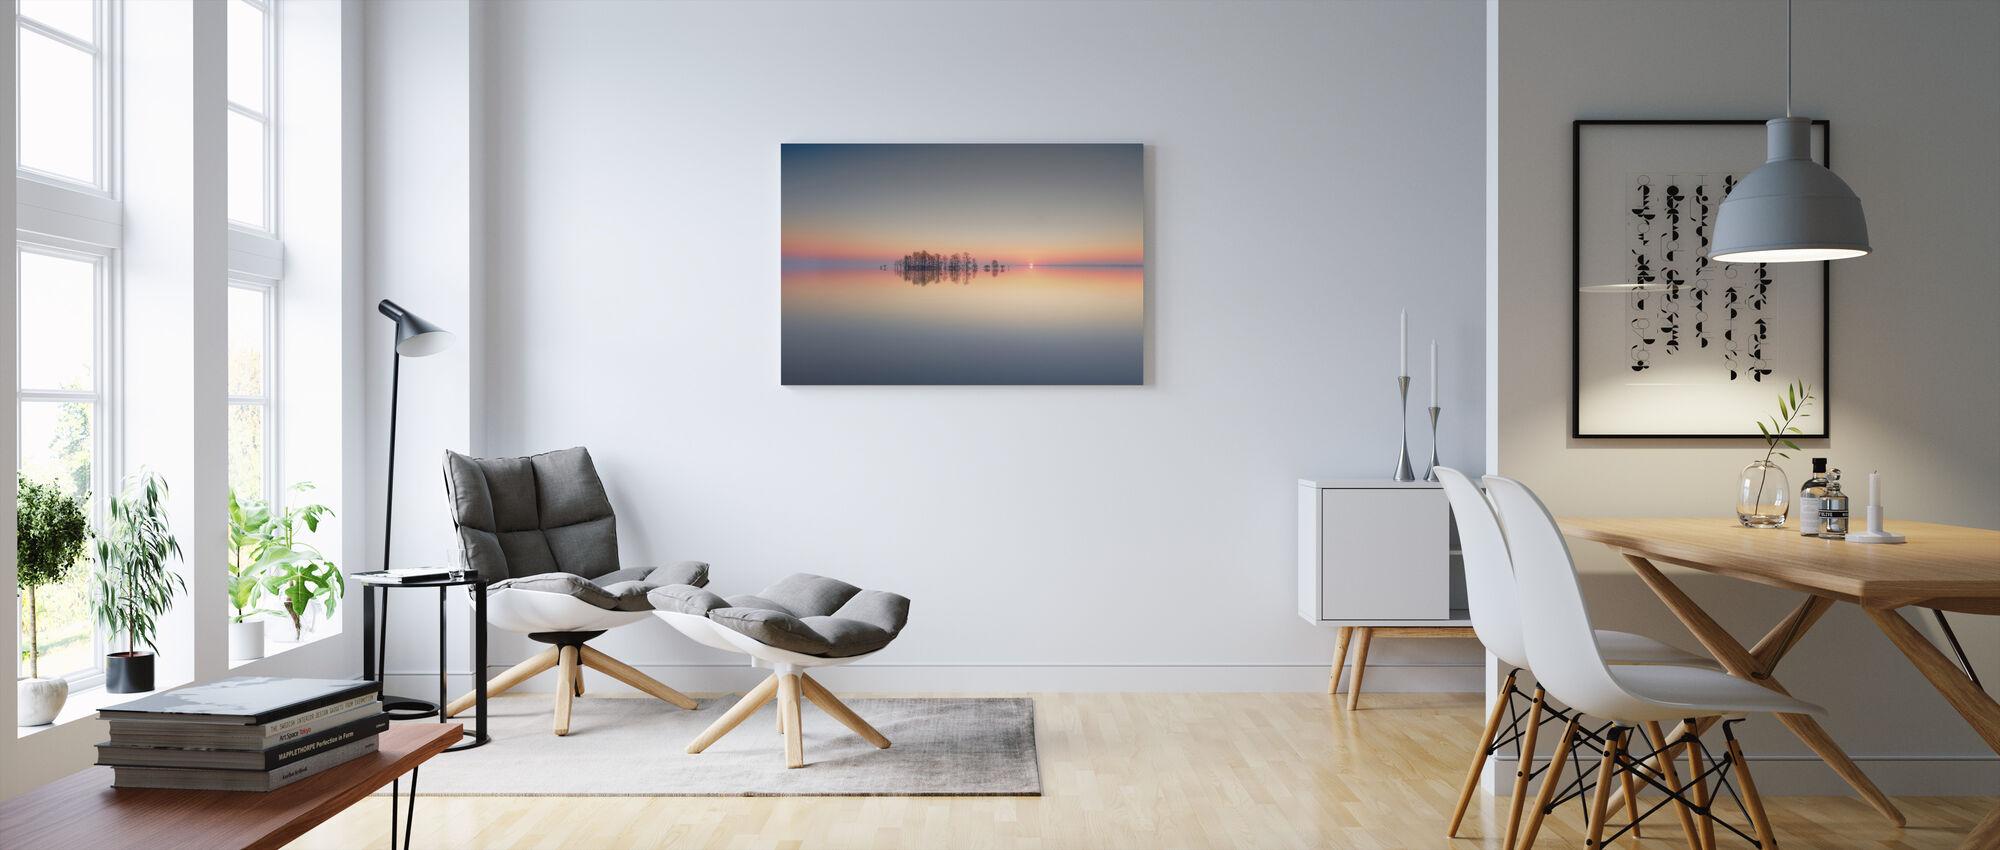 Zonsopgang bij Lake Mattamuskeet - Canvas print - Woonkamer